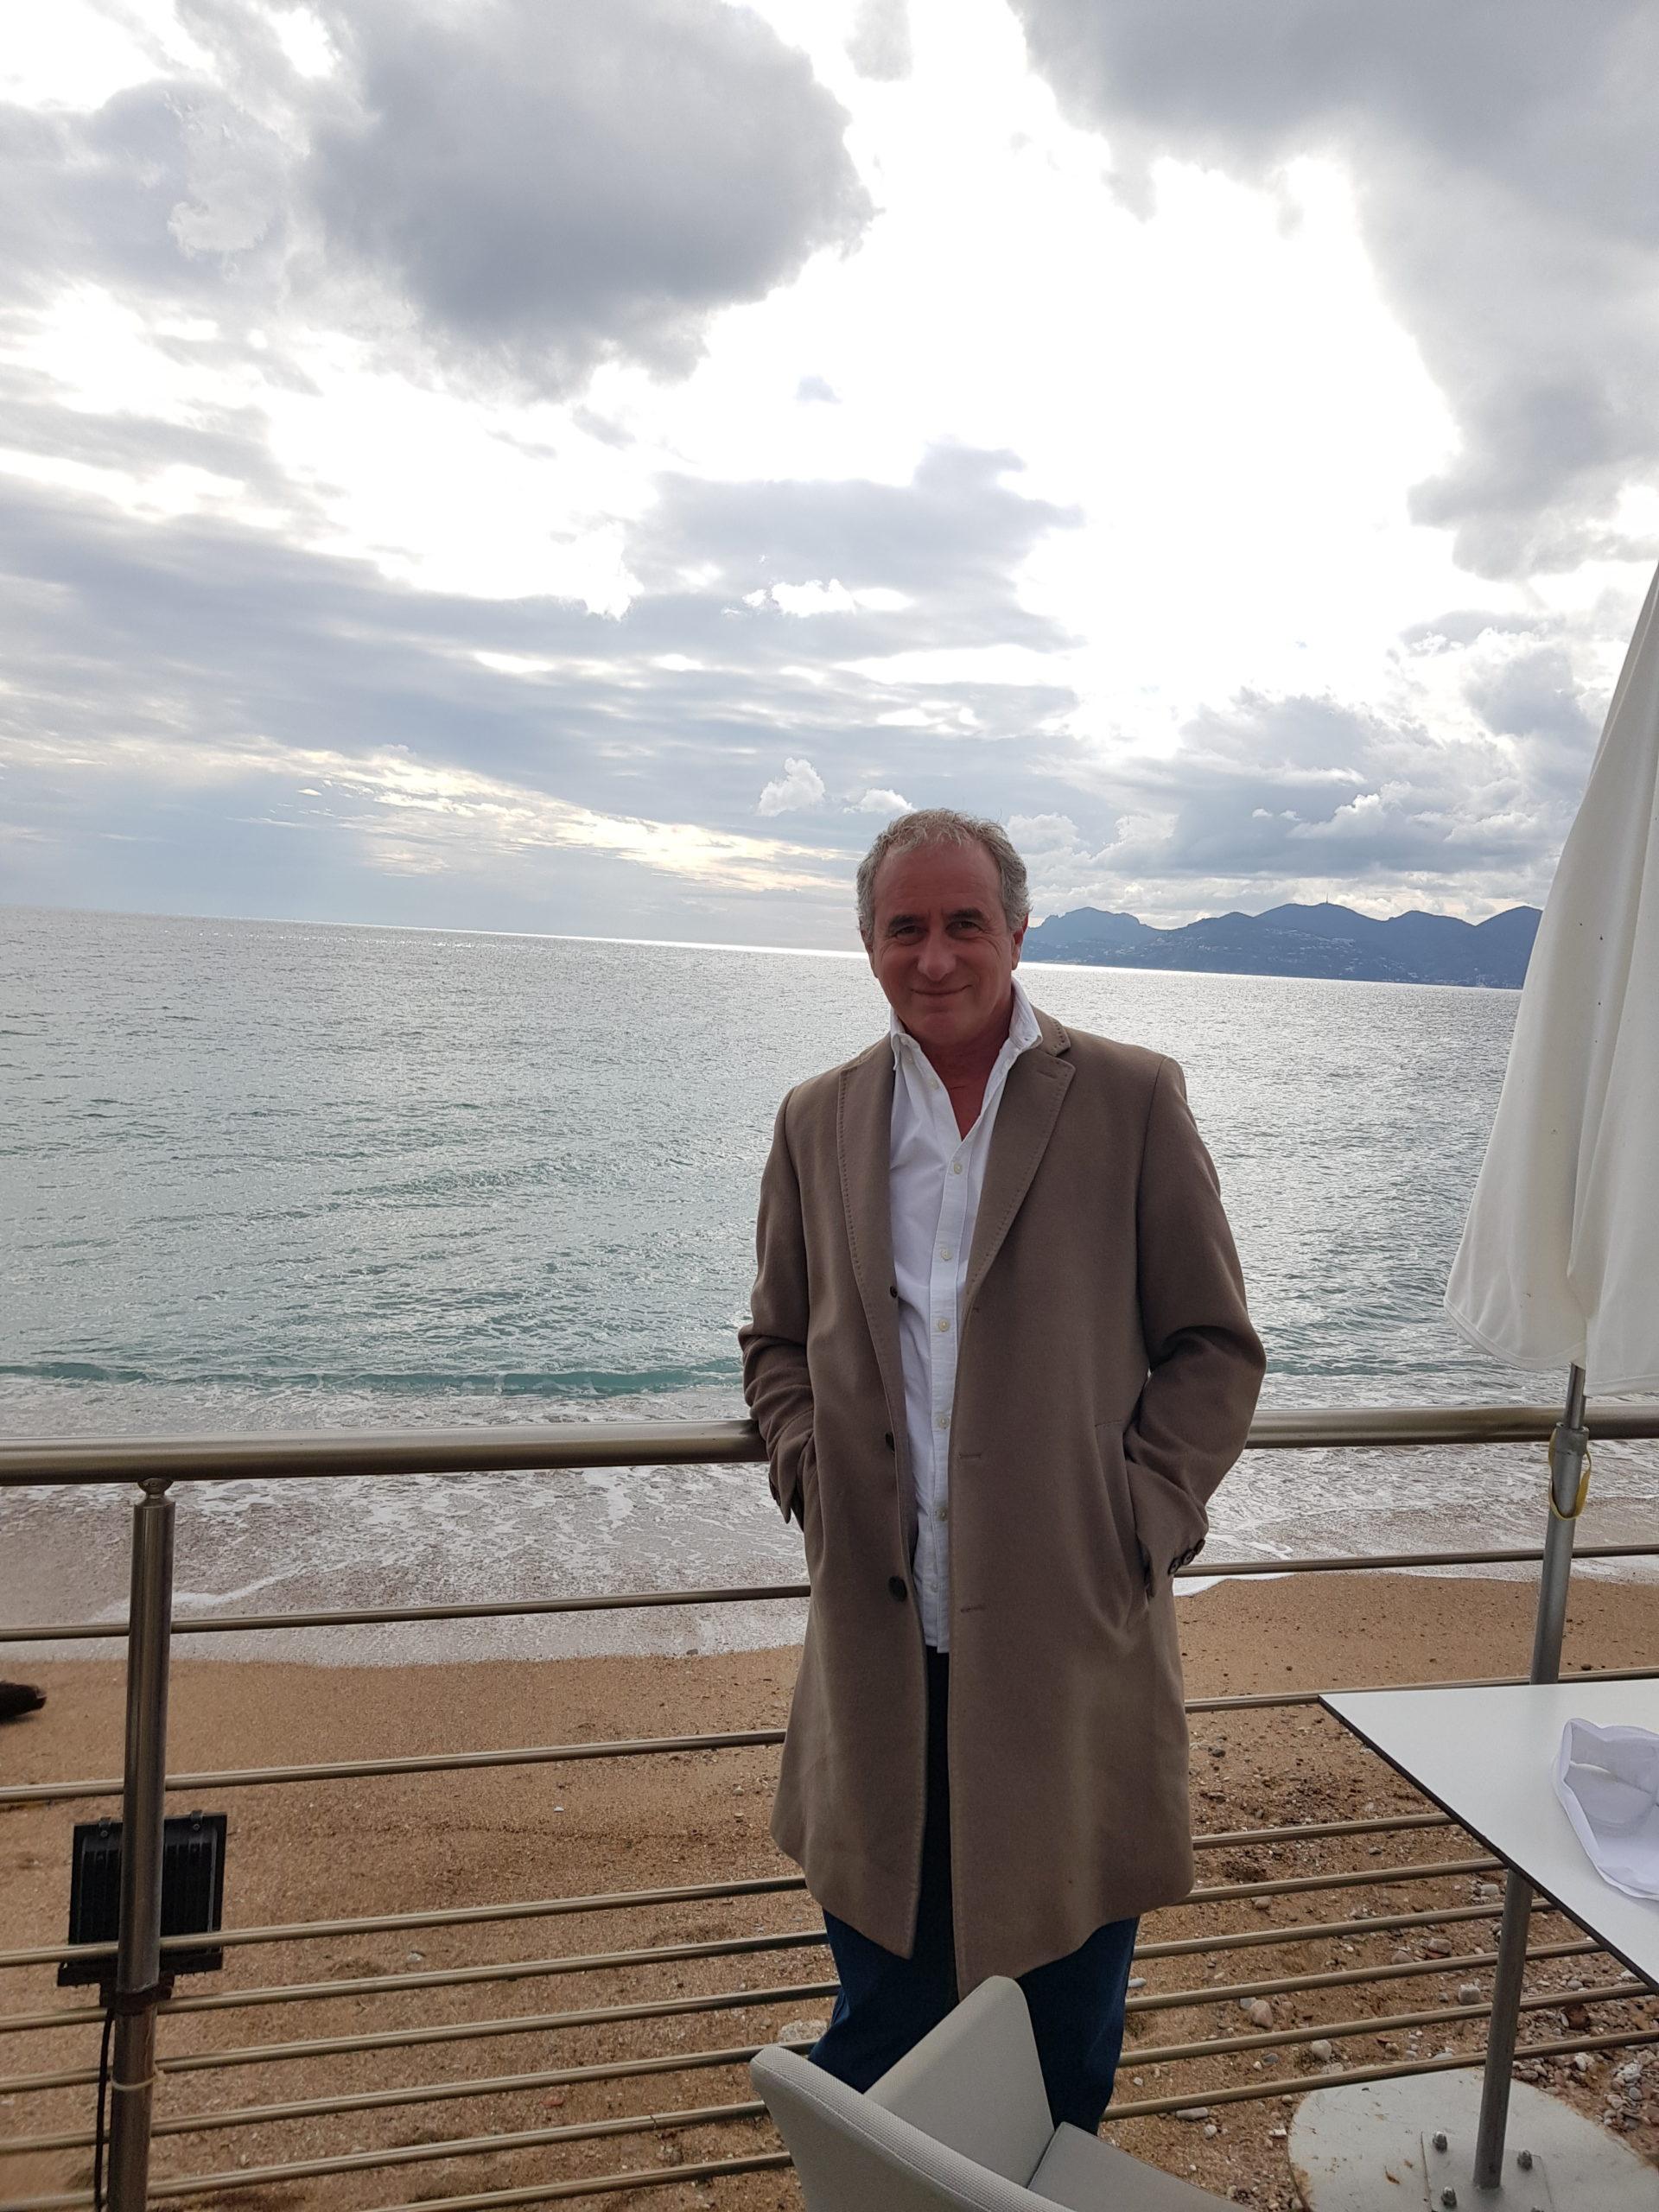 Sylvain IORDANOFF soutien Sandrine ROUSSEAU pour les primaires EELV, élections Présidentielles FRANCE 2022